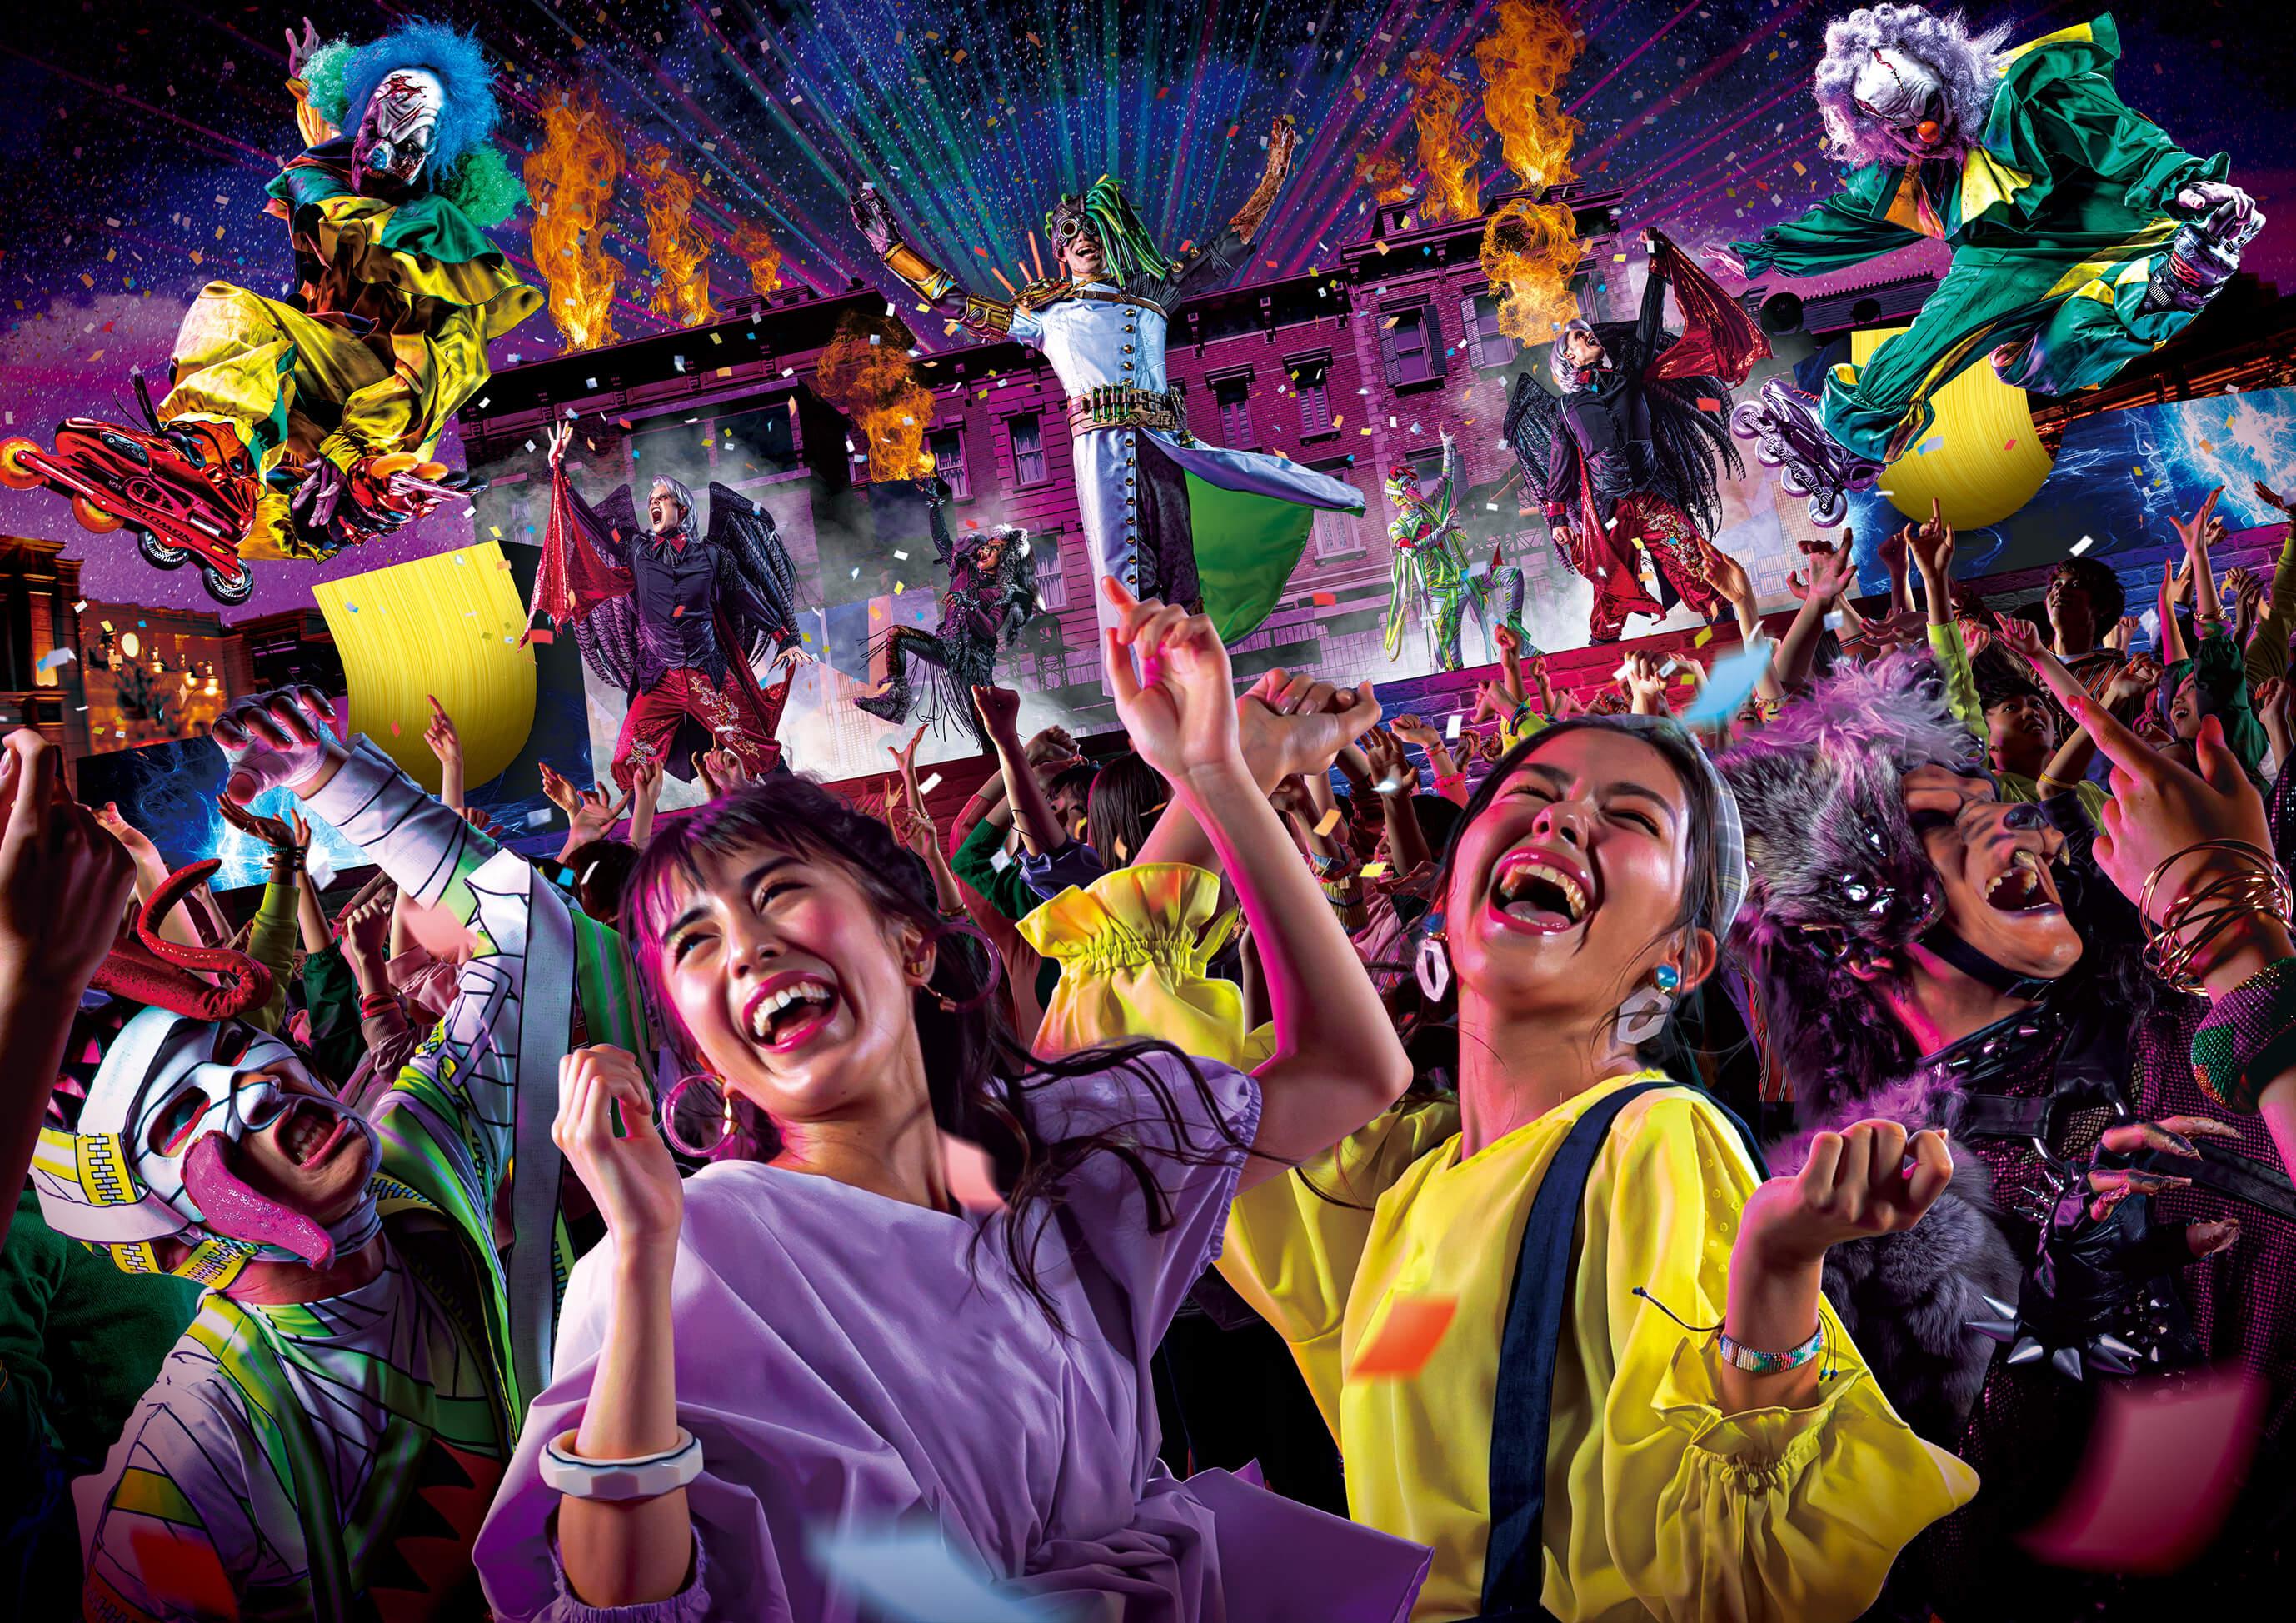 ユニバーサル・スタジオ・ジャパン Universal Studio Japan カウントダウンパーティ Countdown Party 2